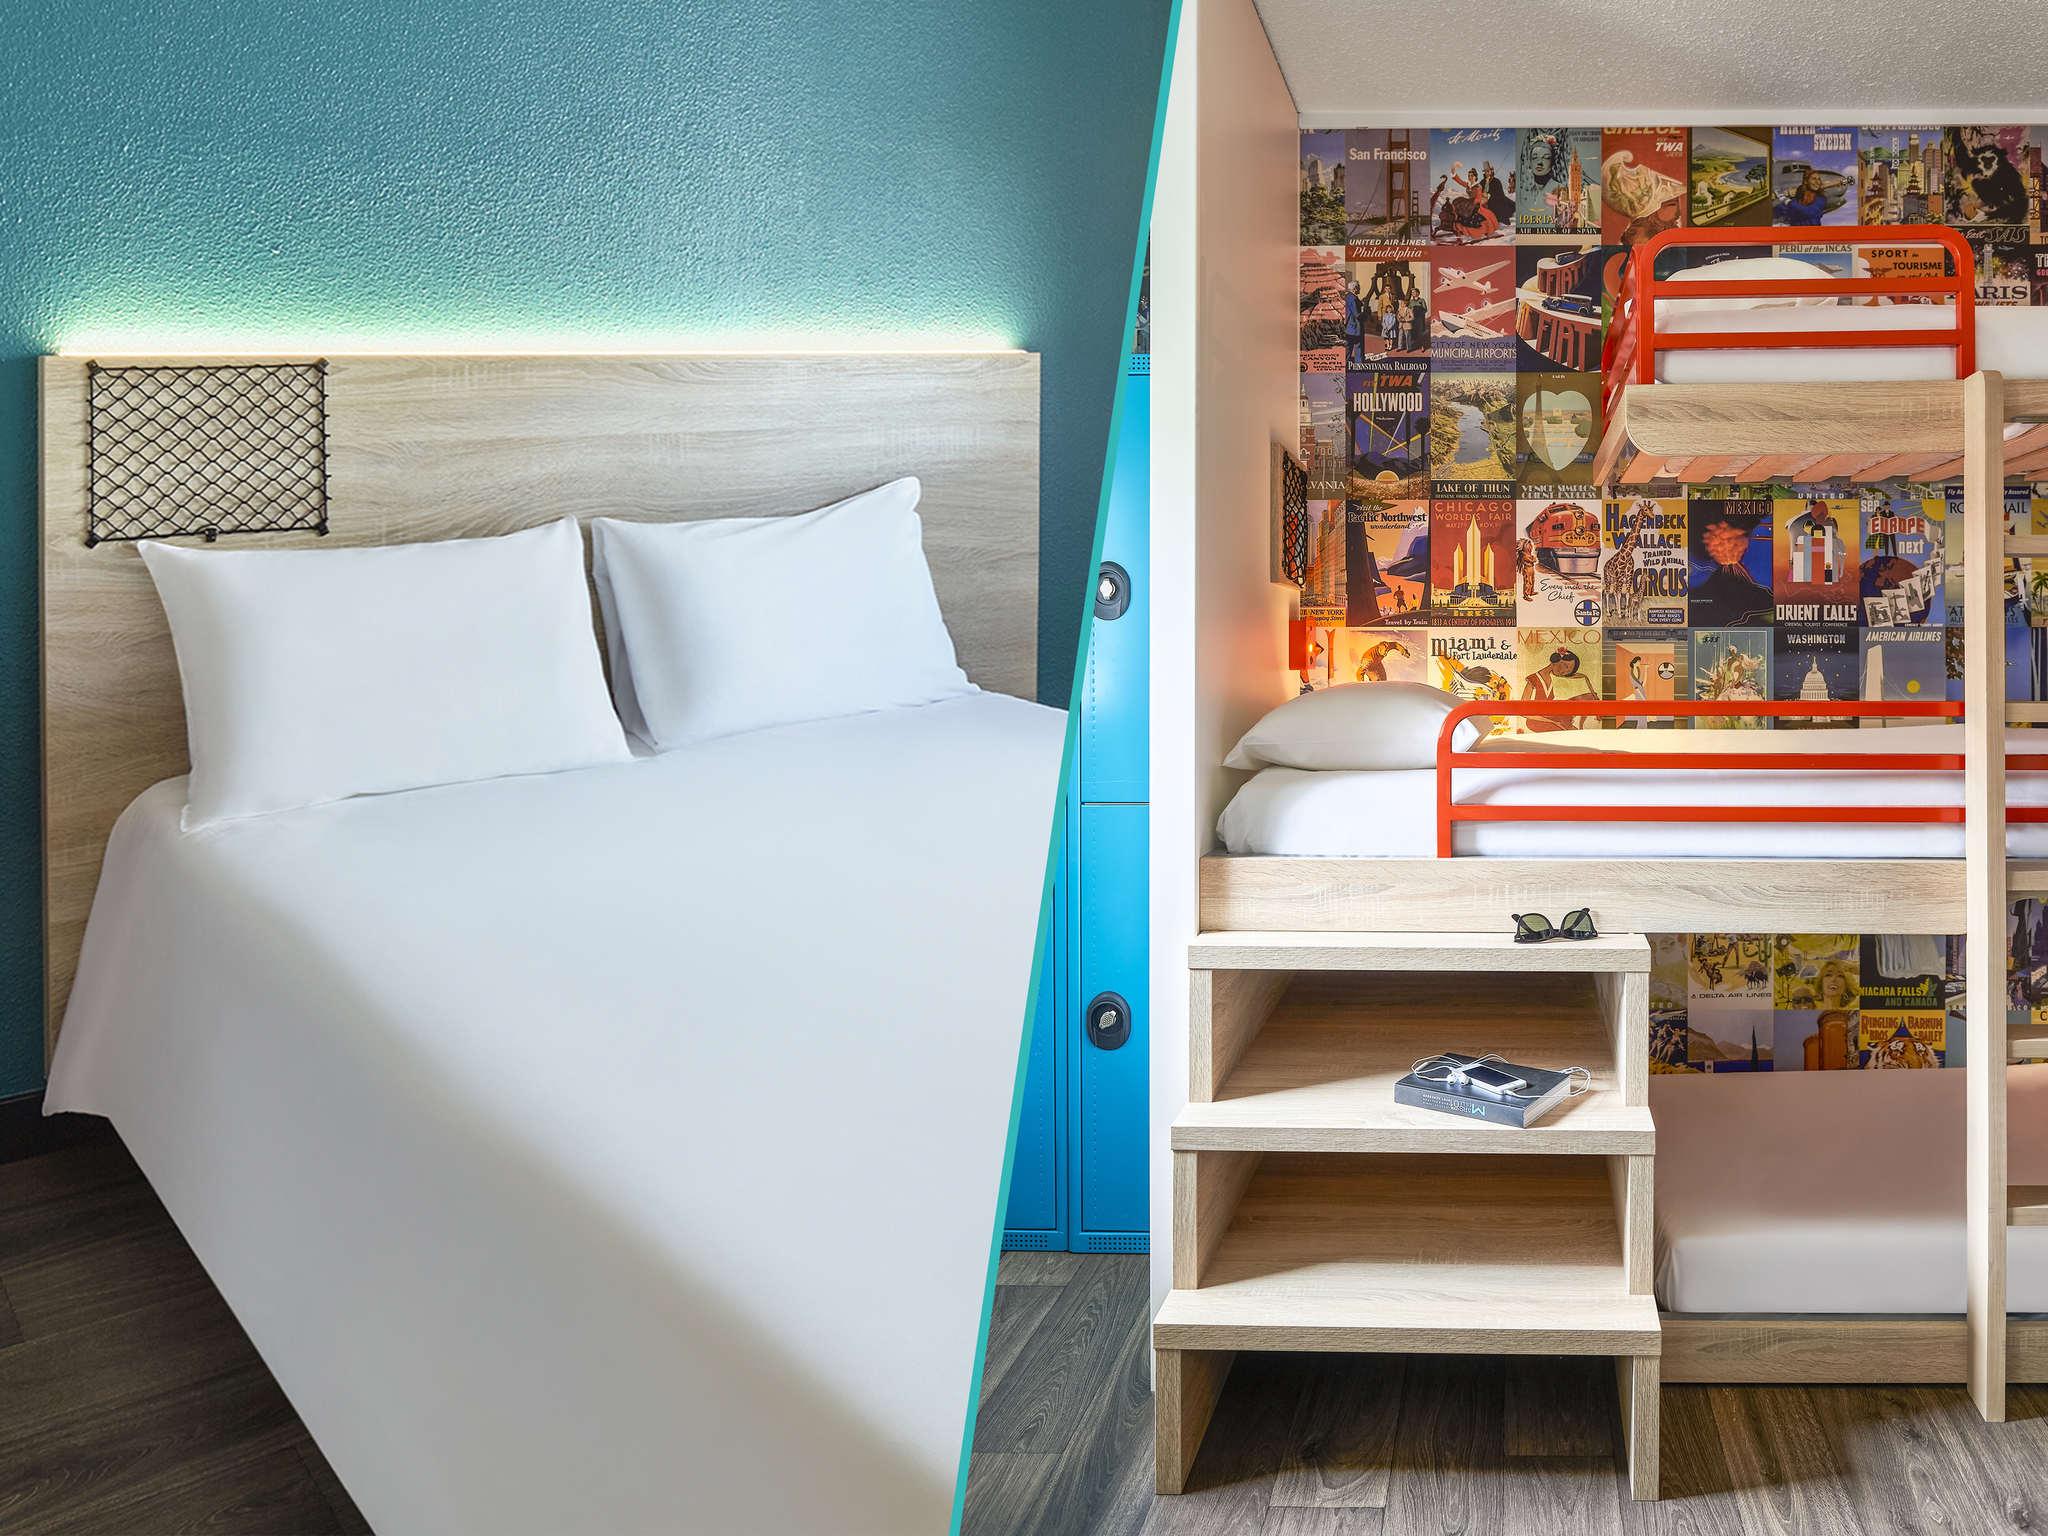 Hotel - hotelF1 Paris Porte de Chatillon